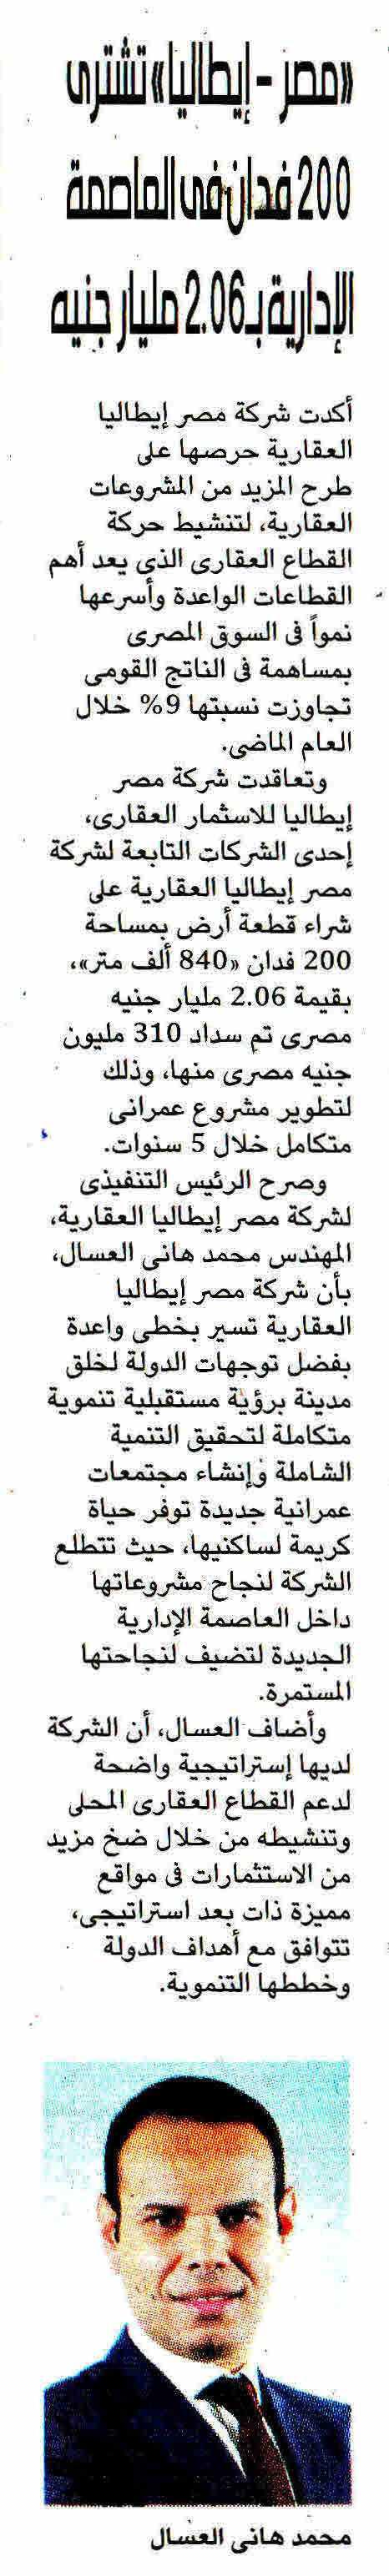 Al Youm 7 23 May P.9.jpg